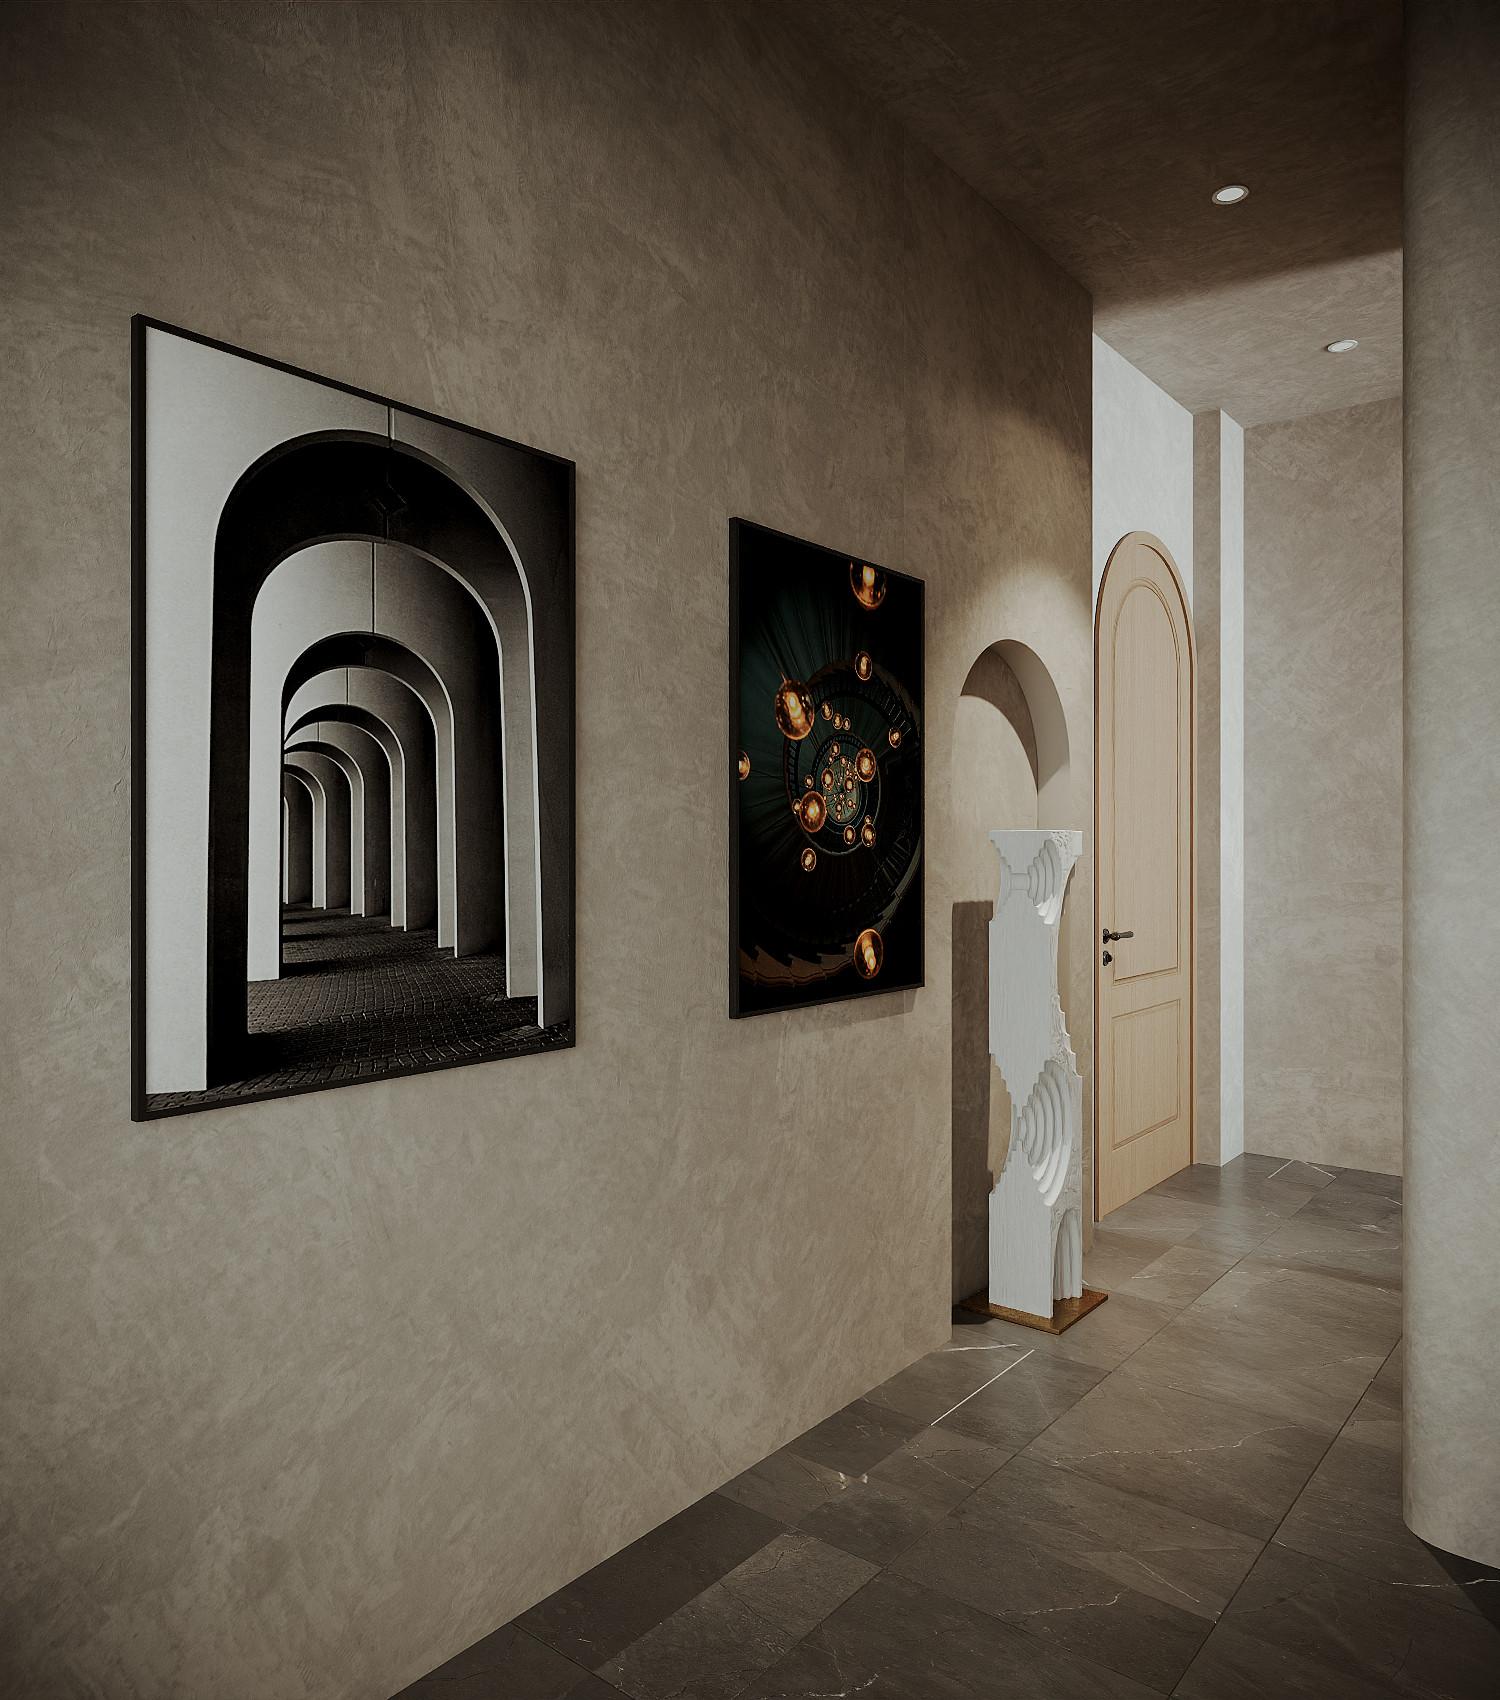 Tác phẩm nghệ thuật treo tường tạo chiều sâu cho không gian hành lang.